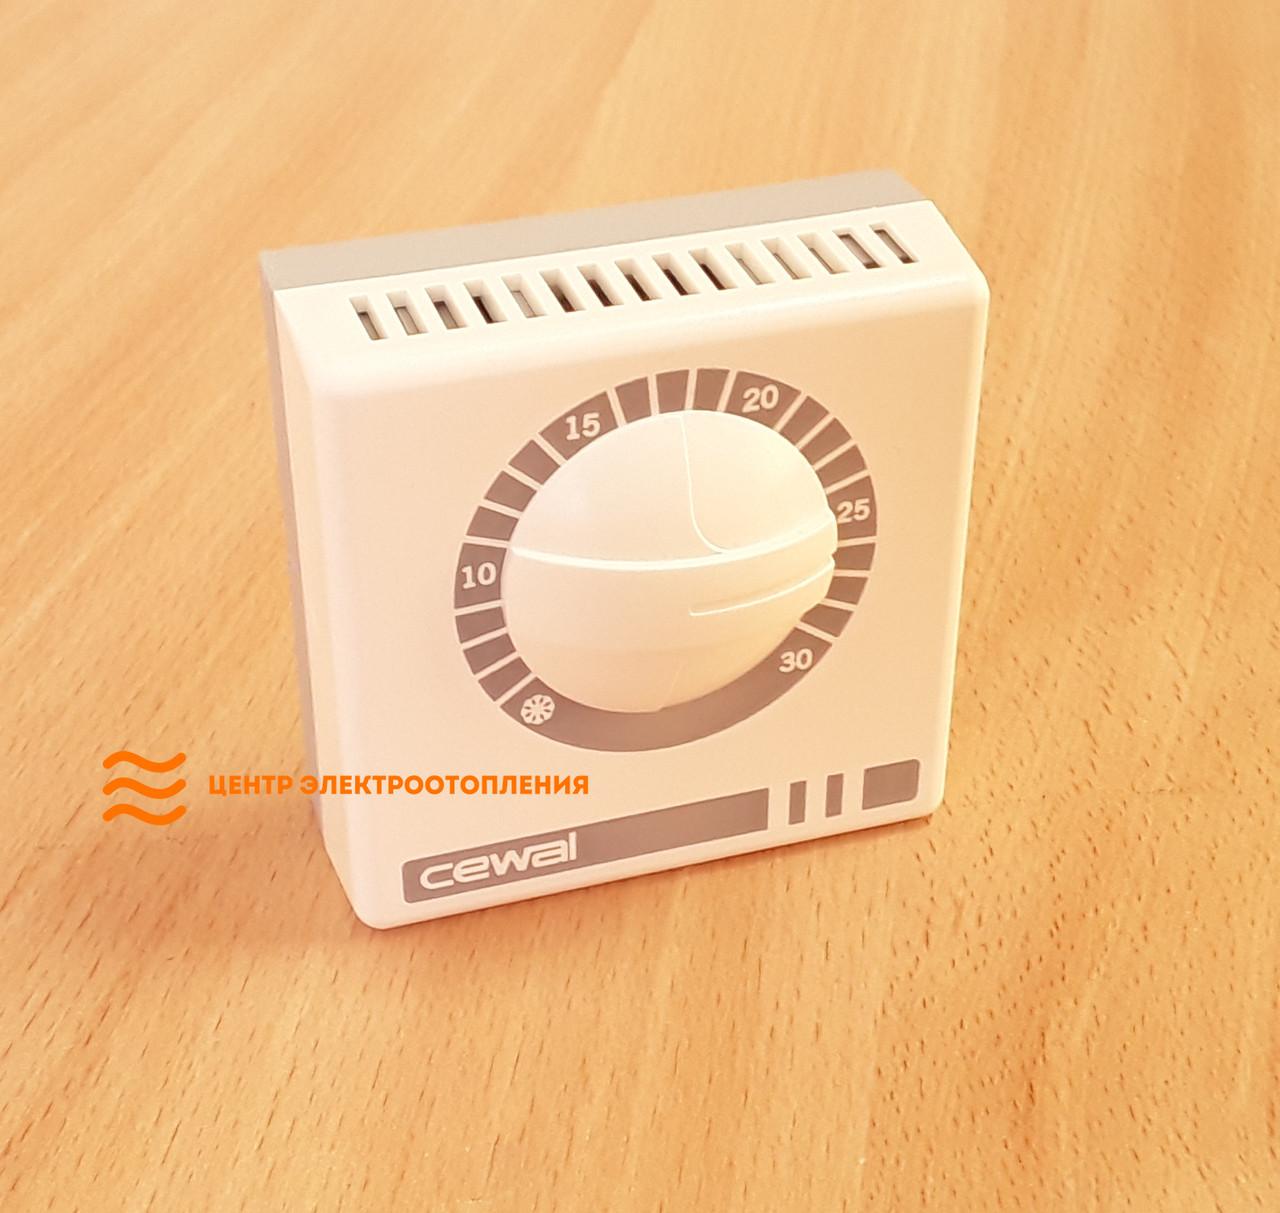 Терморегулятор для обогревателей Cewal RQ01